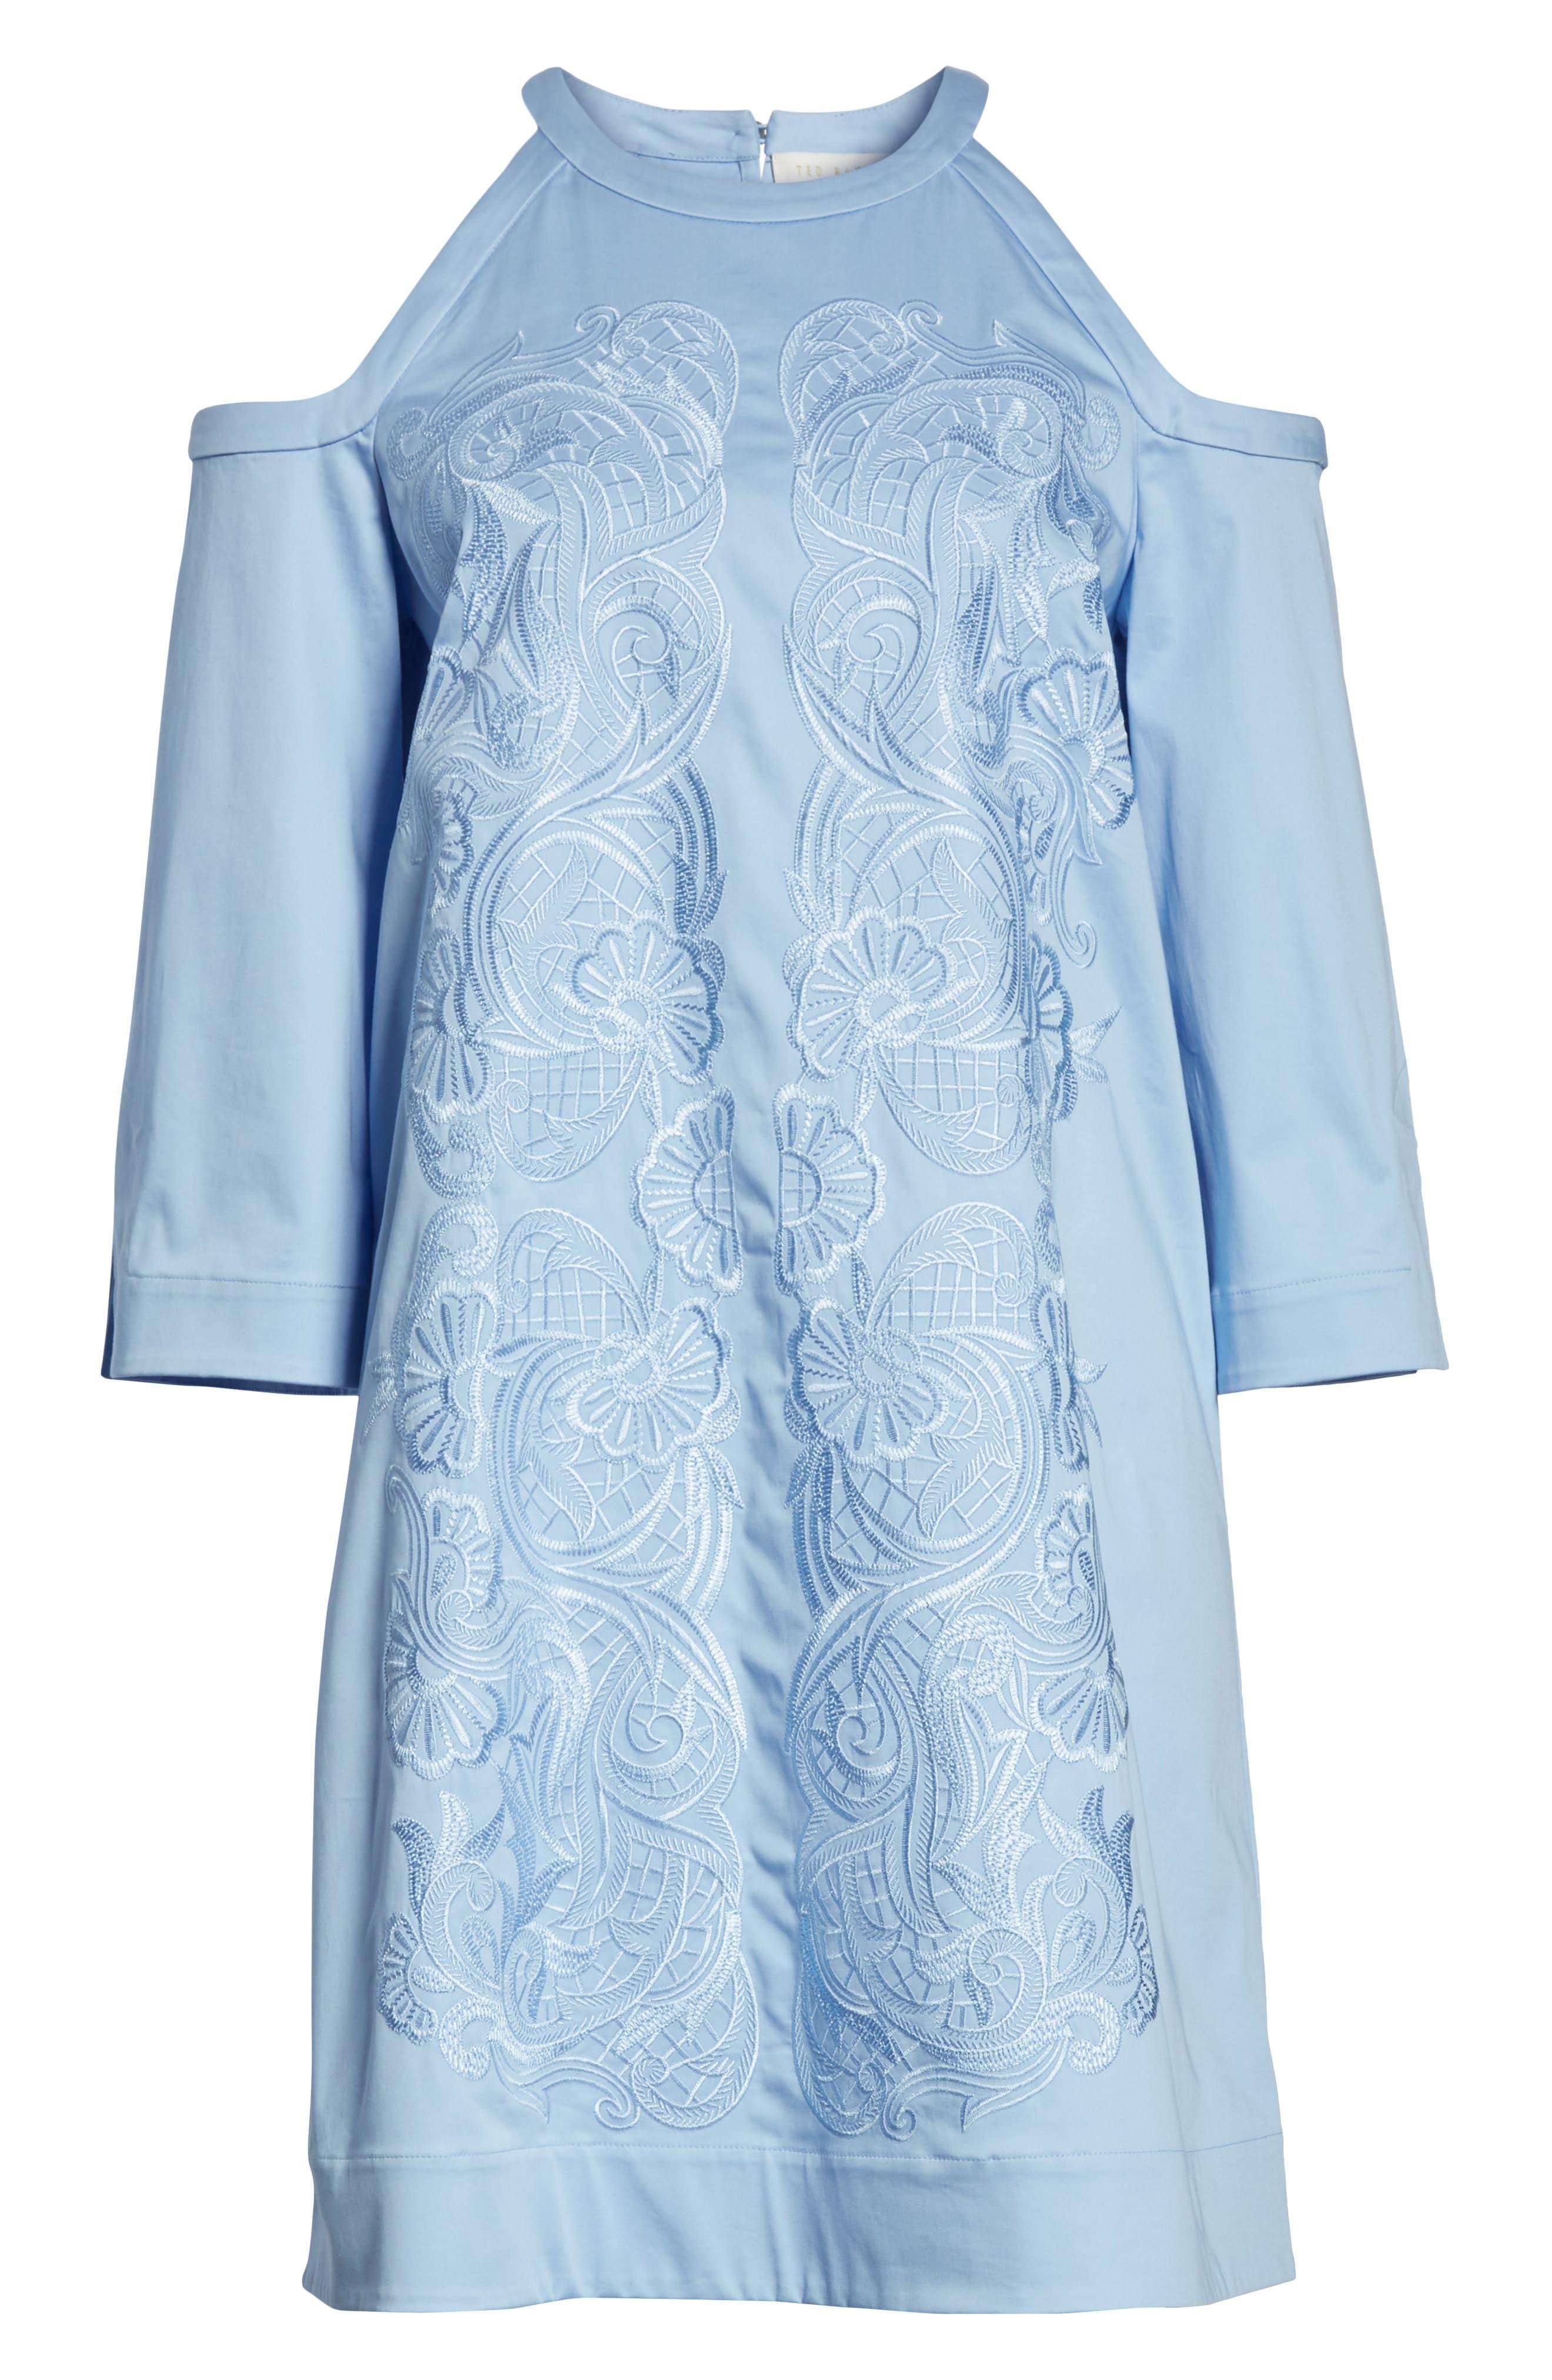 Cold Shoulder Shift Dress,                             Alternate thumbnail 6, color,                             Baby Blue